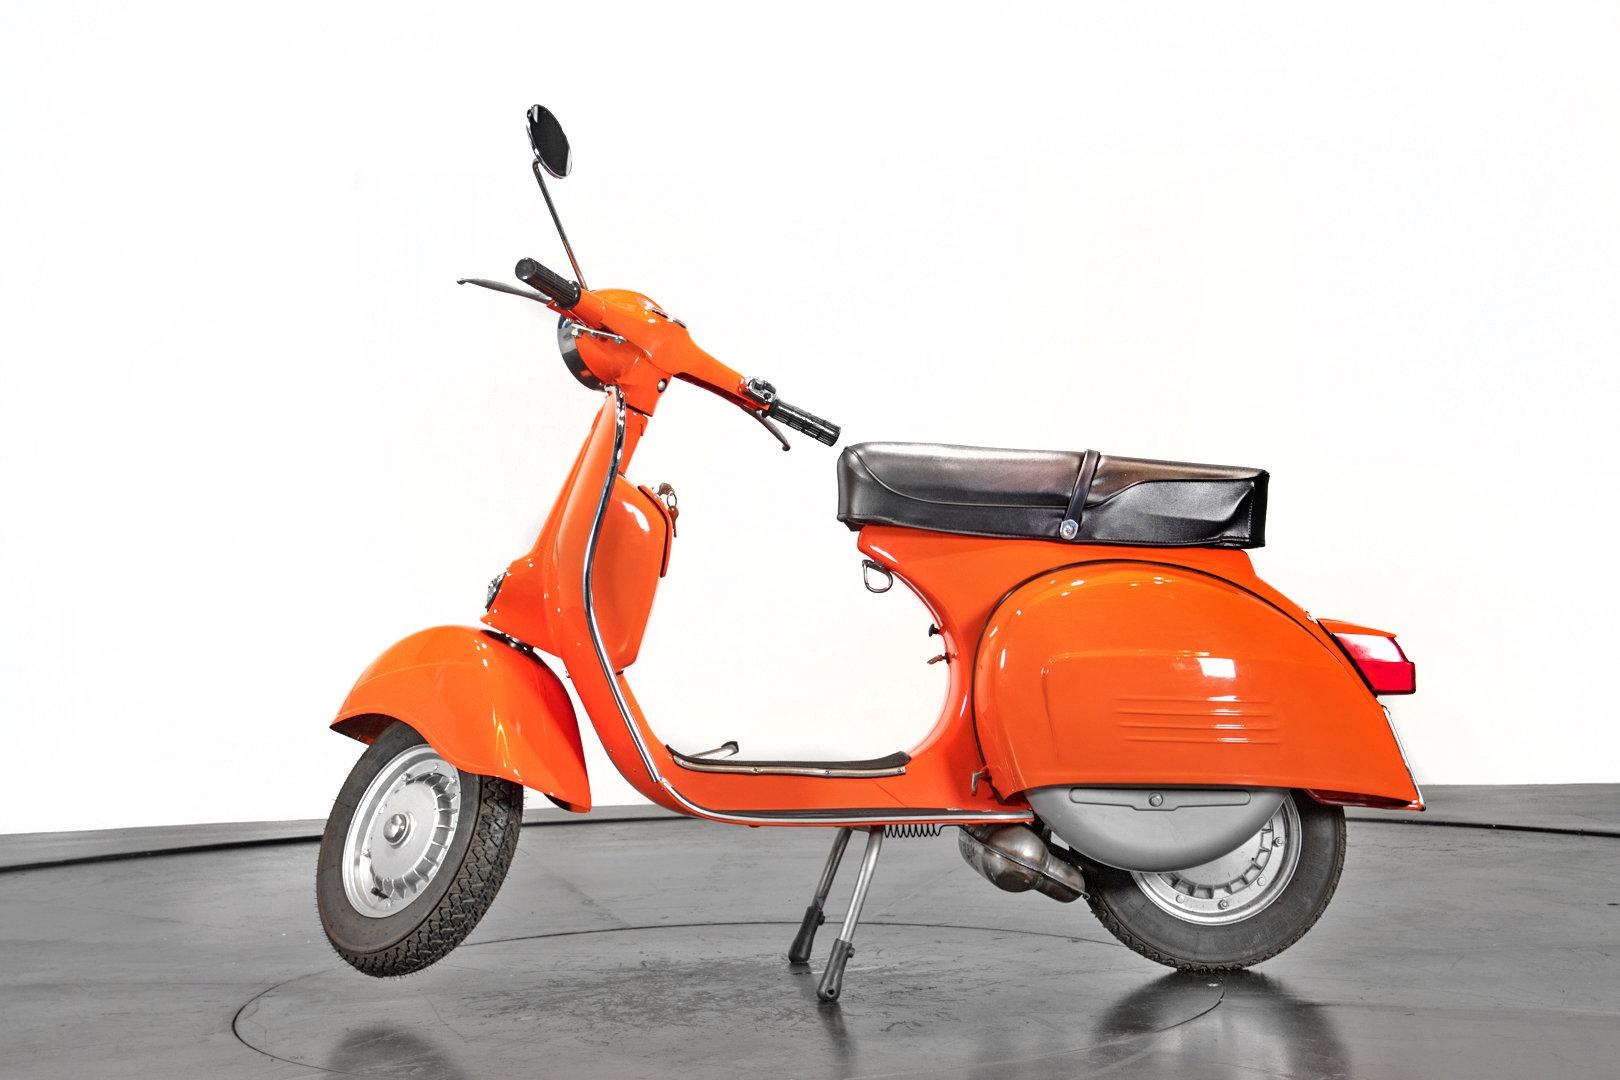 PIAGGIO - VESPA RALLY 180 - 1969 For Sale (picture 1 of 6)